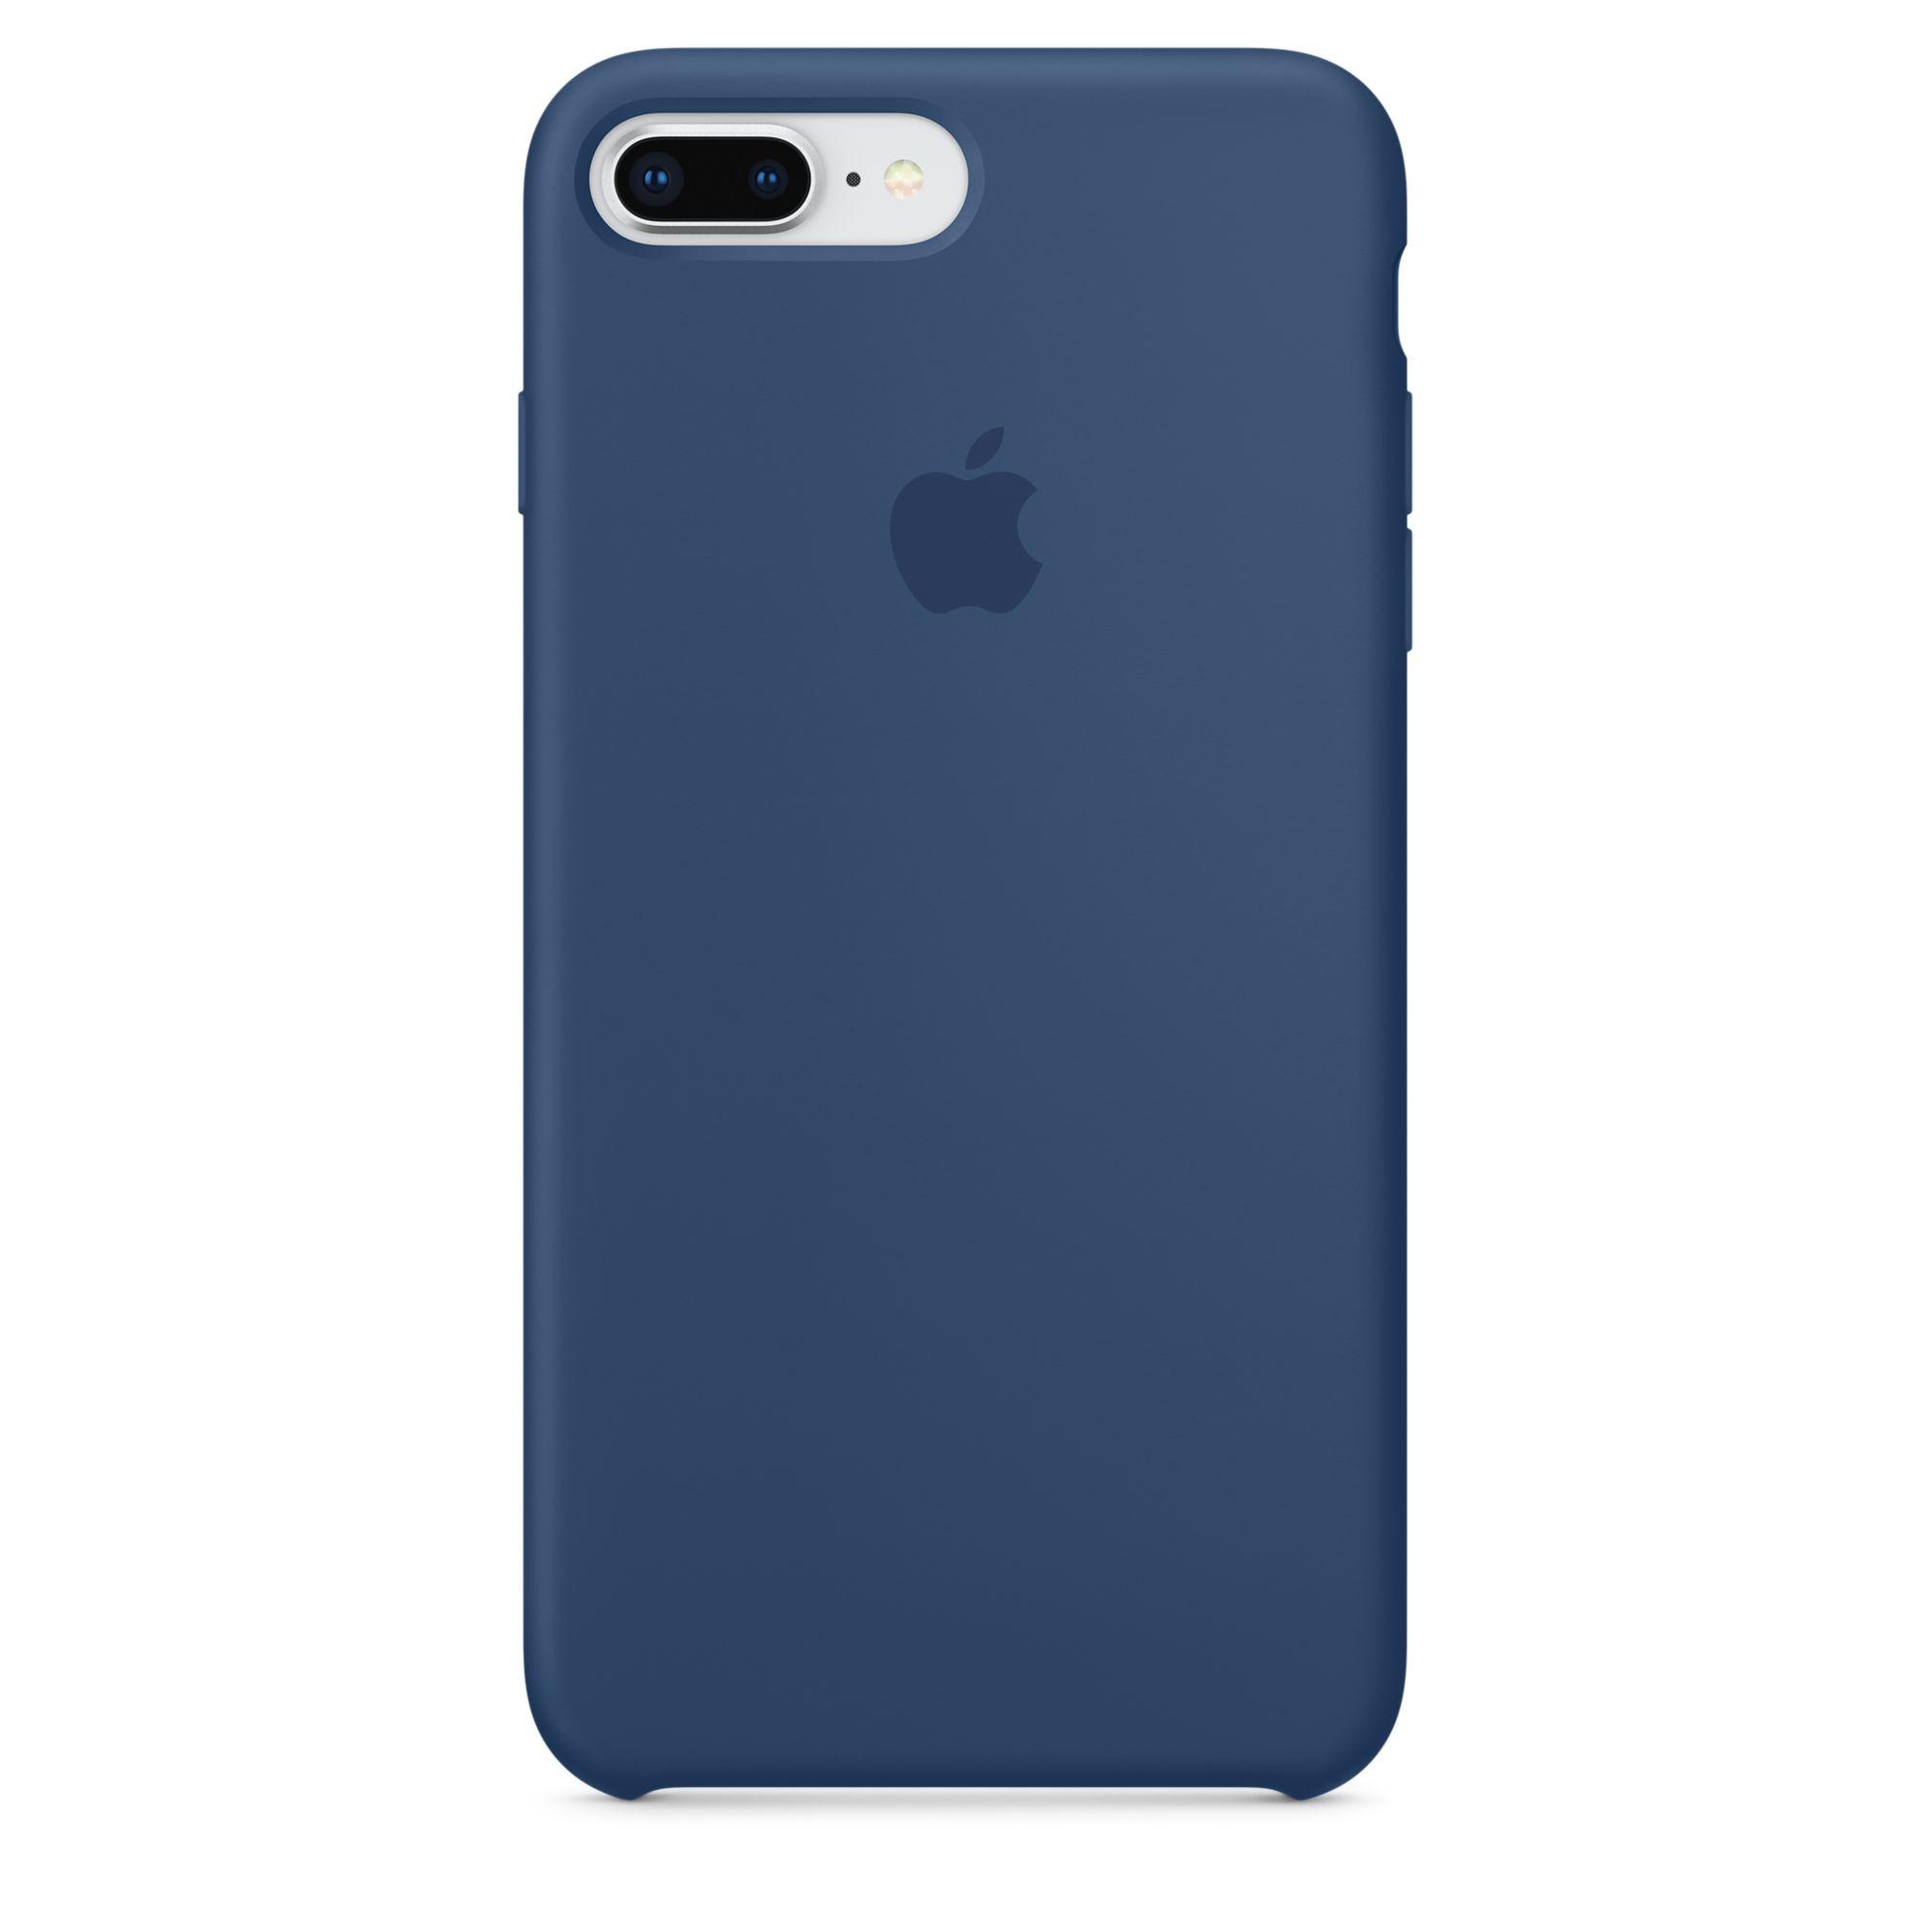 Apple silikonový kryt na iPhone 8 Plus / 7 Plus – kobaltově modrý